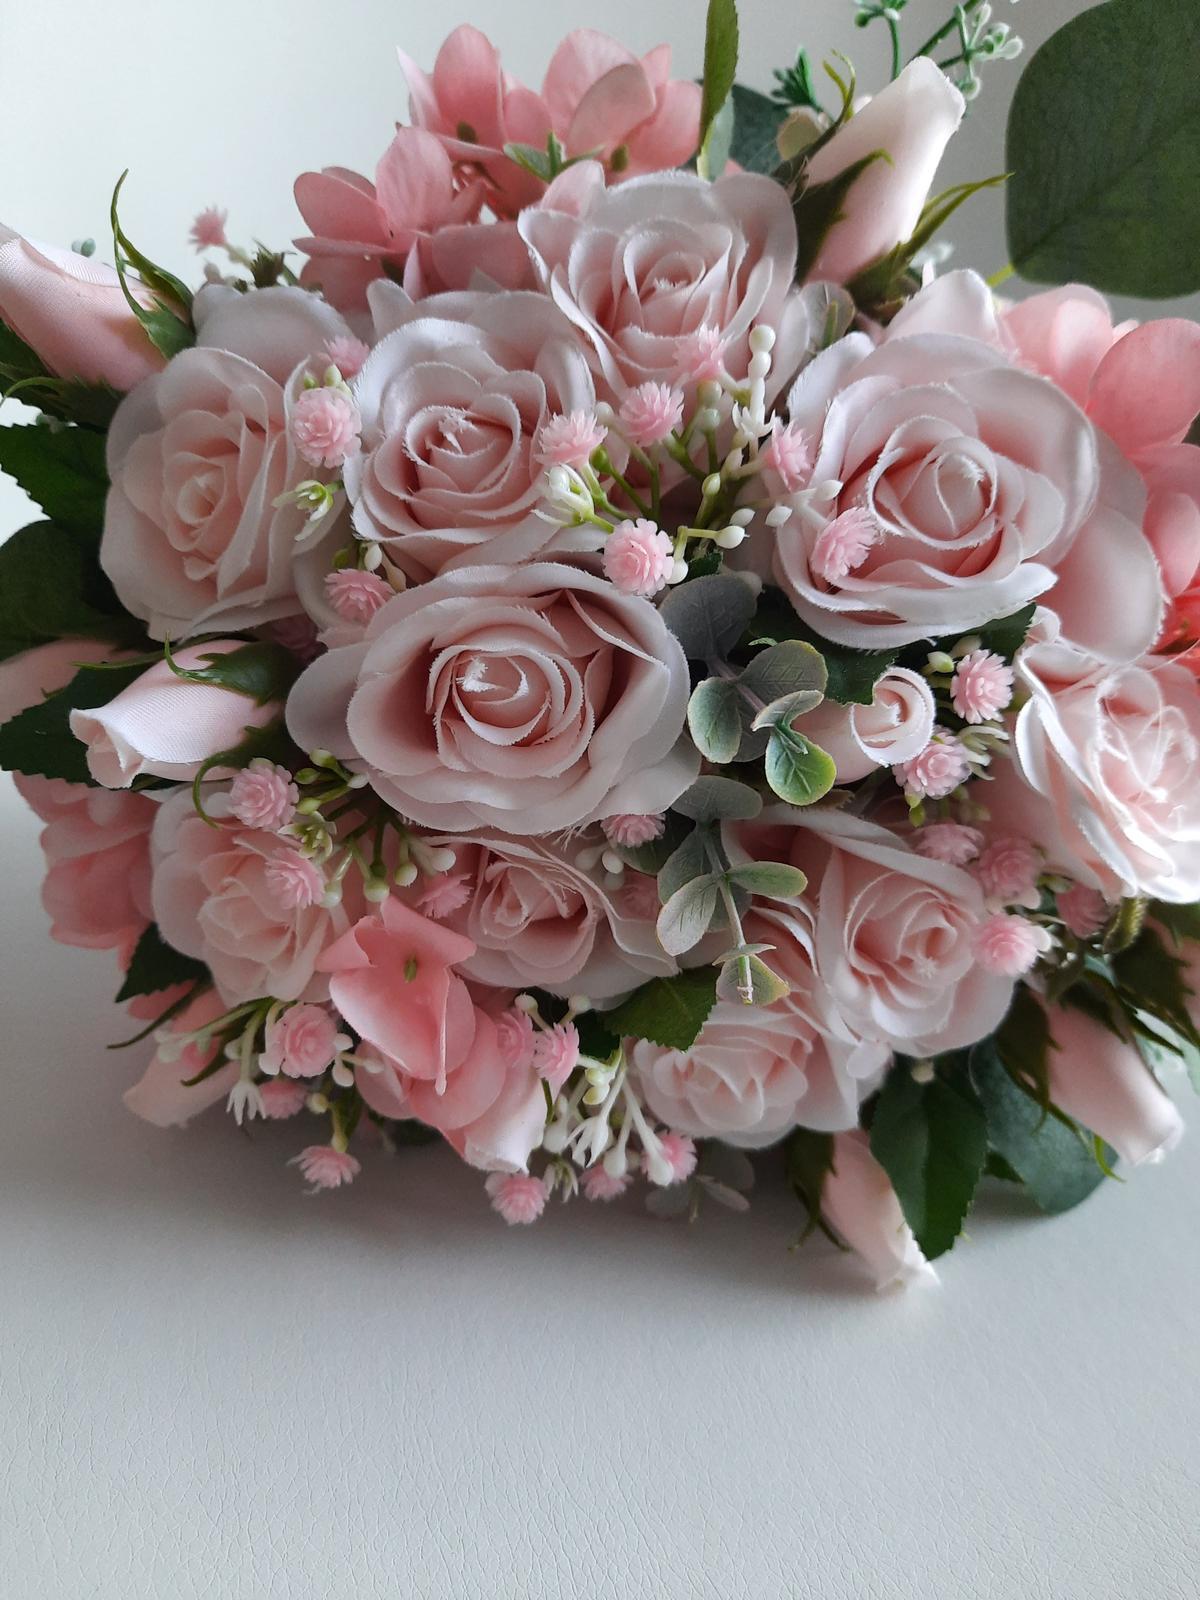 Šerpy,cylindry,srdce... - kytice růží umělá